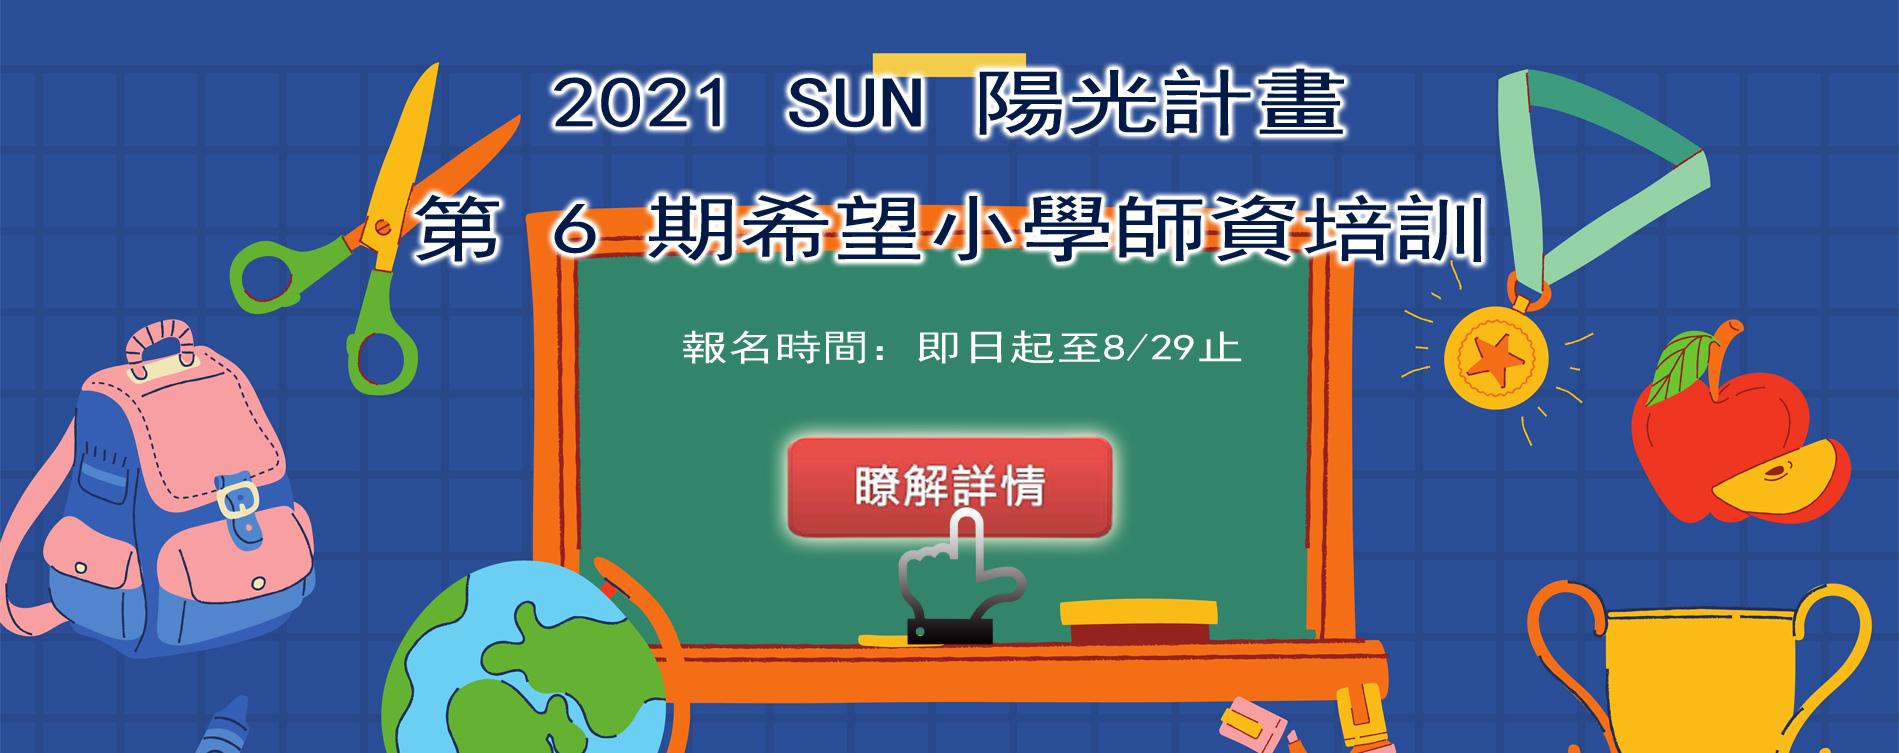 第六期希望小學師資培訓開始接受報名